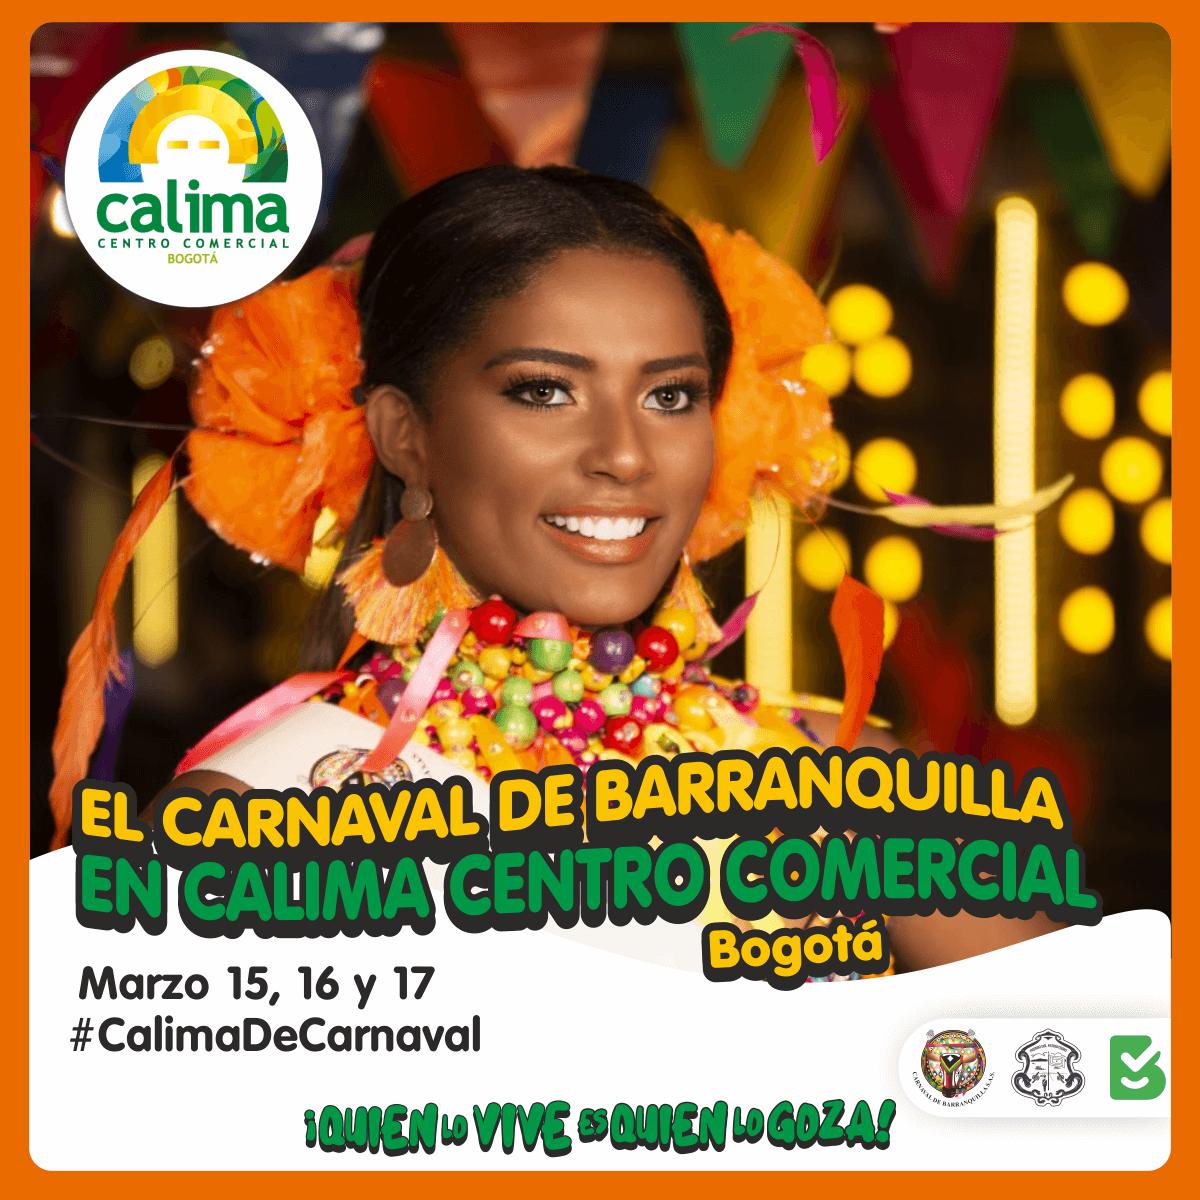 Después de la gran fiesta de maravilla, el Carnaval de Barranquilla 2019 se toma Bogotá